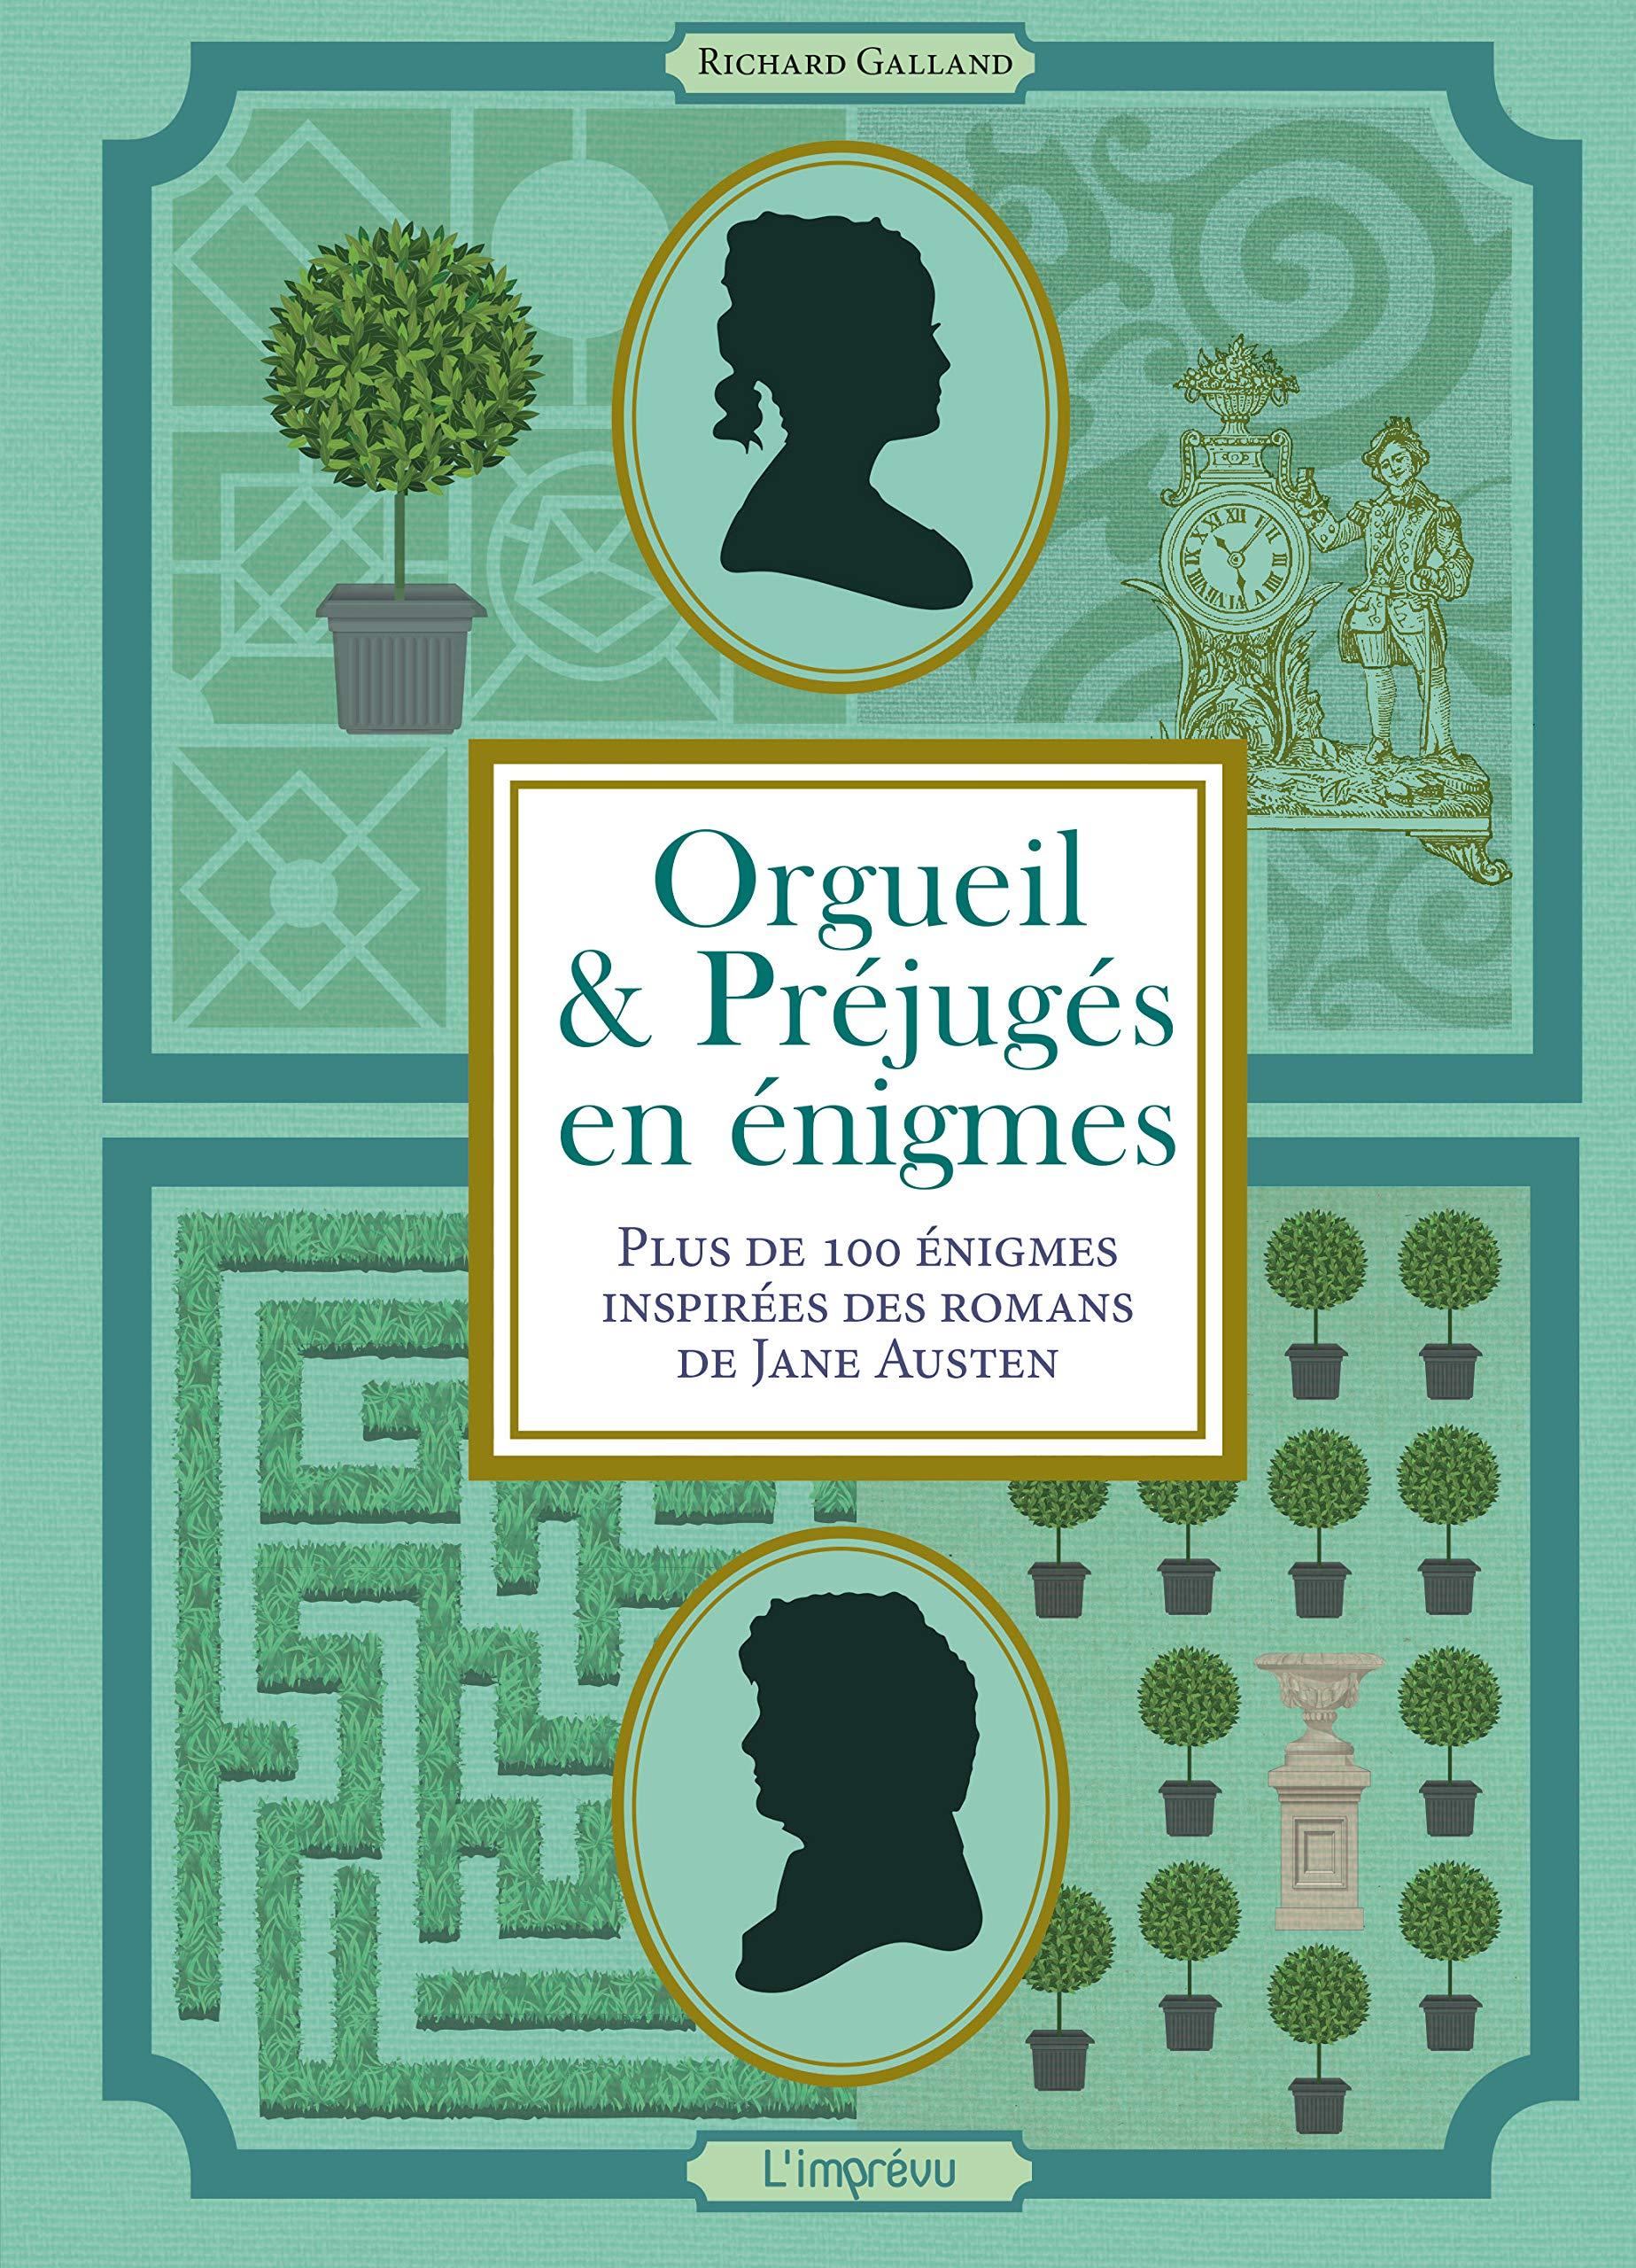 Orgueil et Préjugés en énigmes : Plus de 100 énigmes inspirées des romans de Jane Austen (Français) Relié – 18 septembre 2020 de Richard Galland